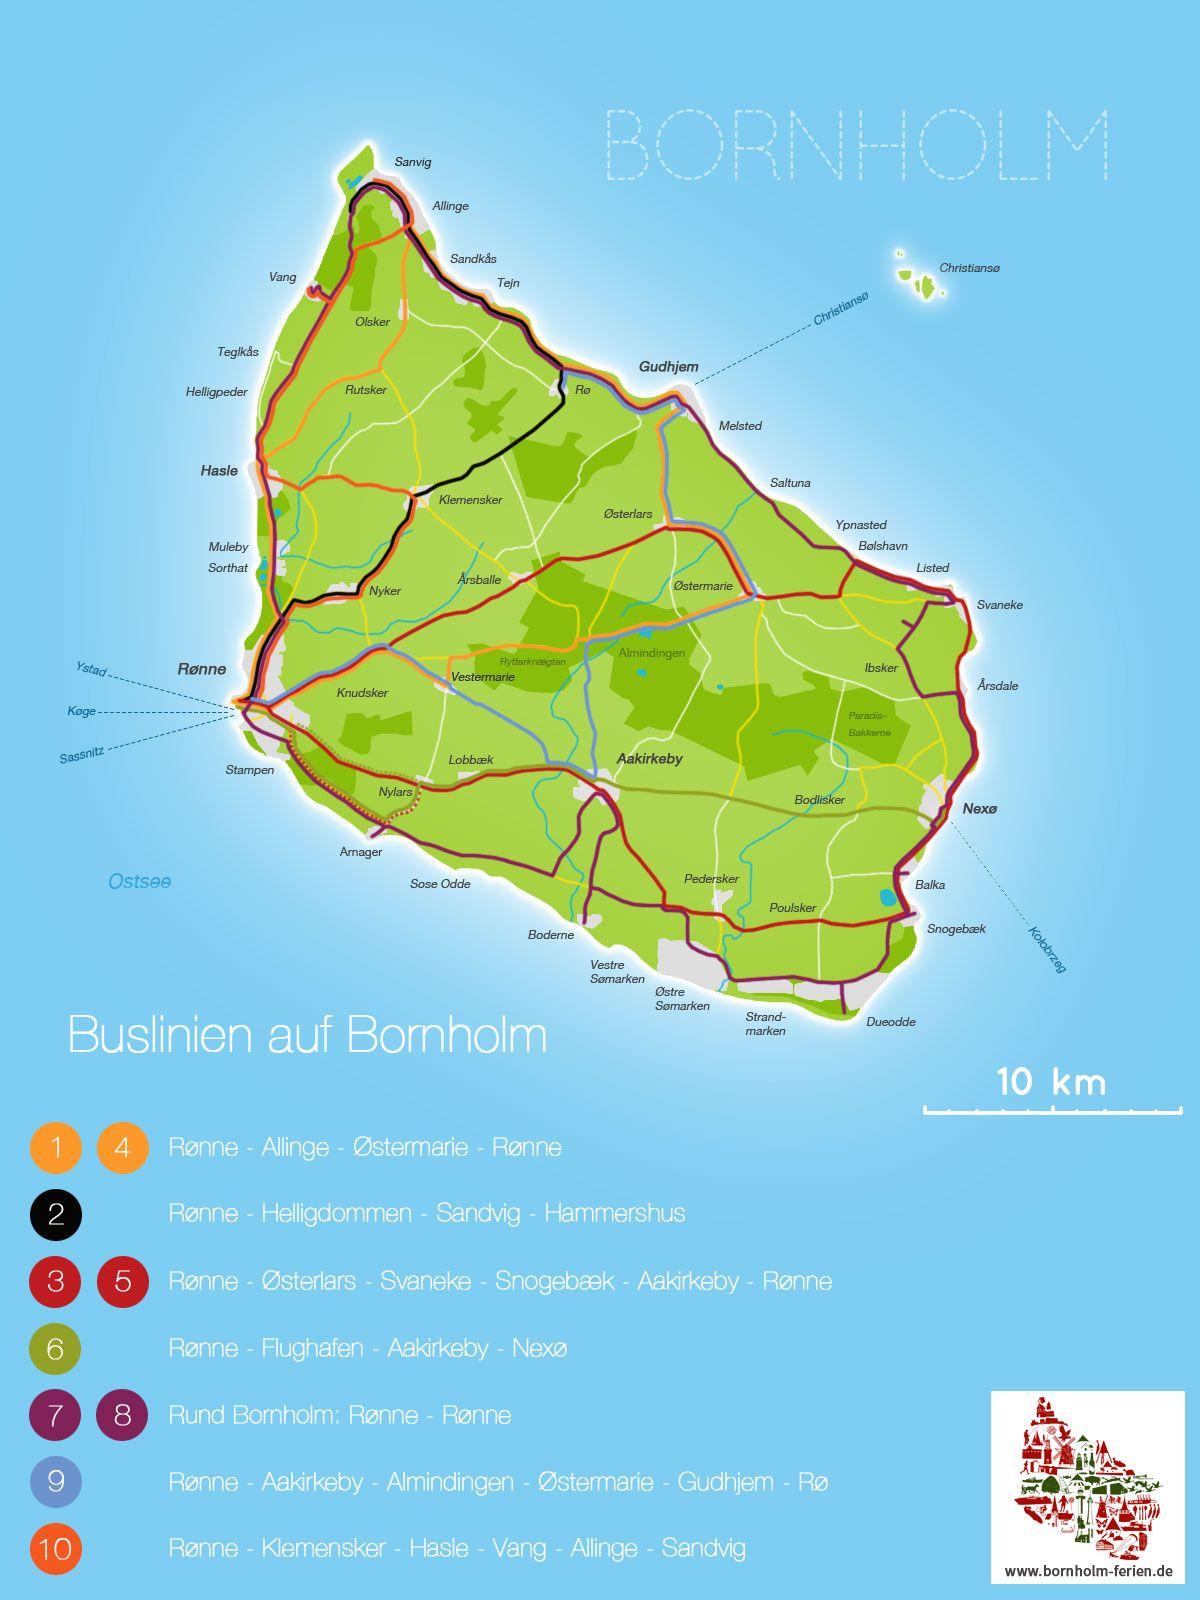 Karte Der Buslinien Auf Bornholm Karte Bus Buslinien Bornholm